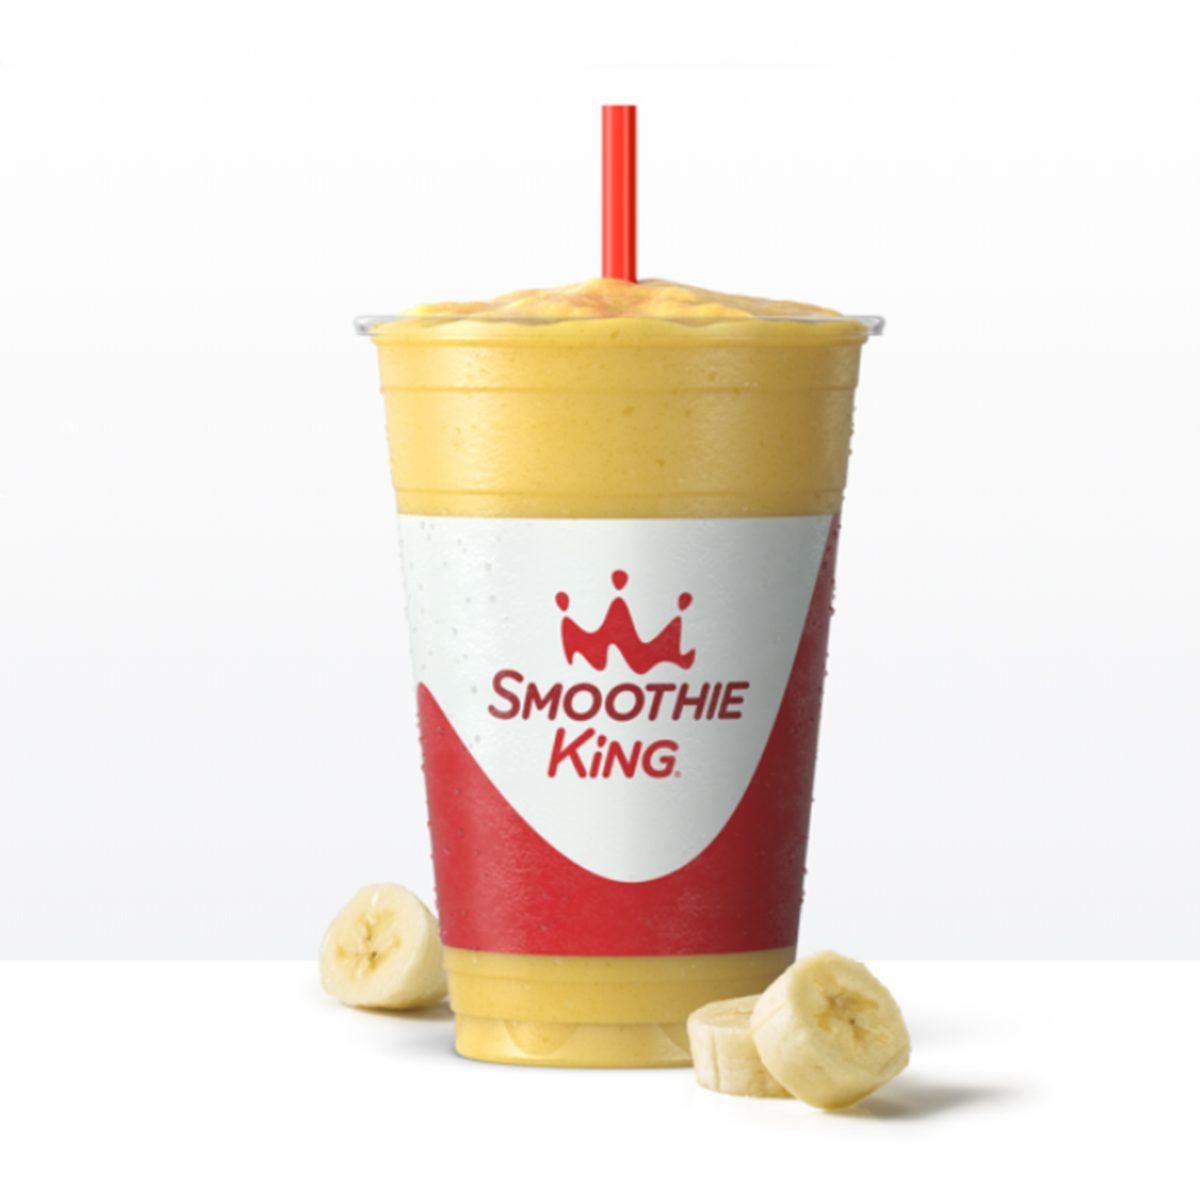 smoothie king, smoothie